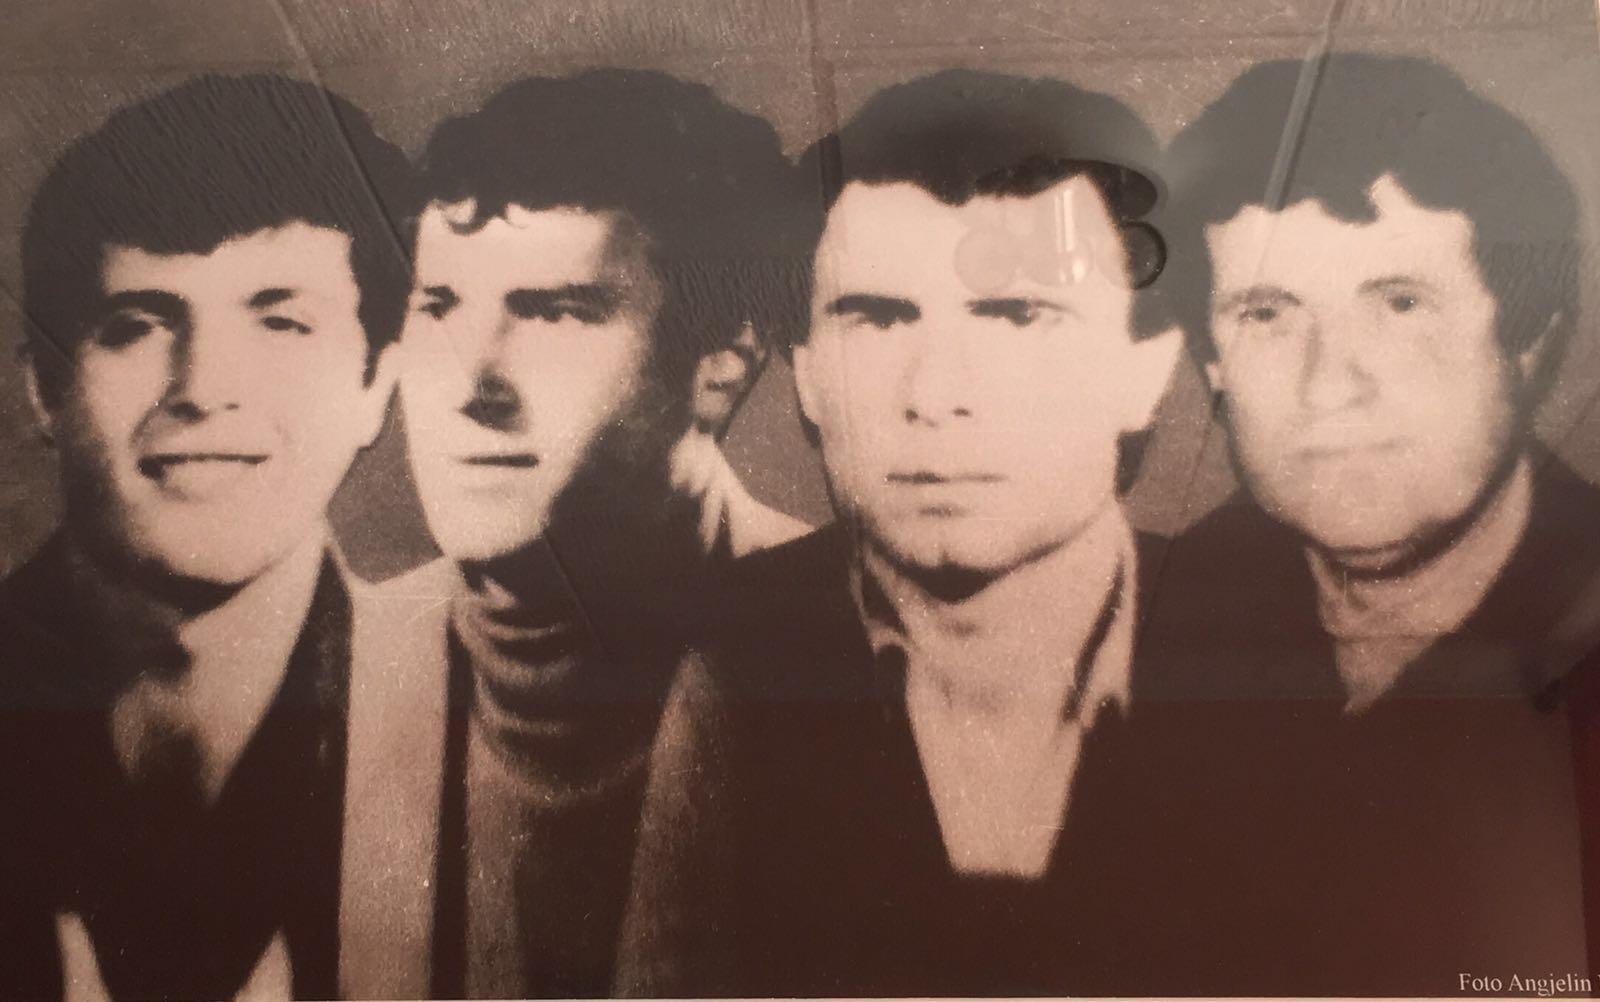 Katër viktimat e masakrës së 2 prillit, Arben Broci, Nazmi Kryeziu, Besnik Ceka dhe Bujar Bishanaku